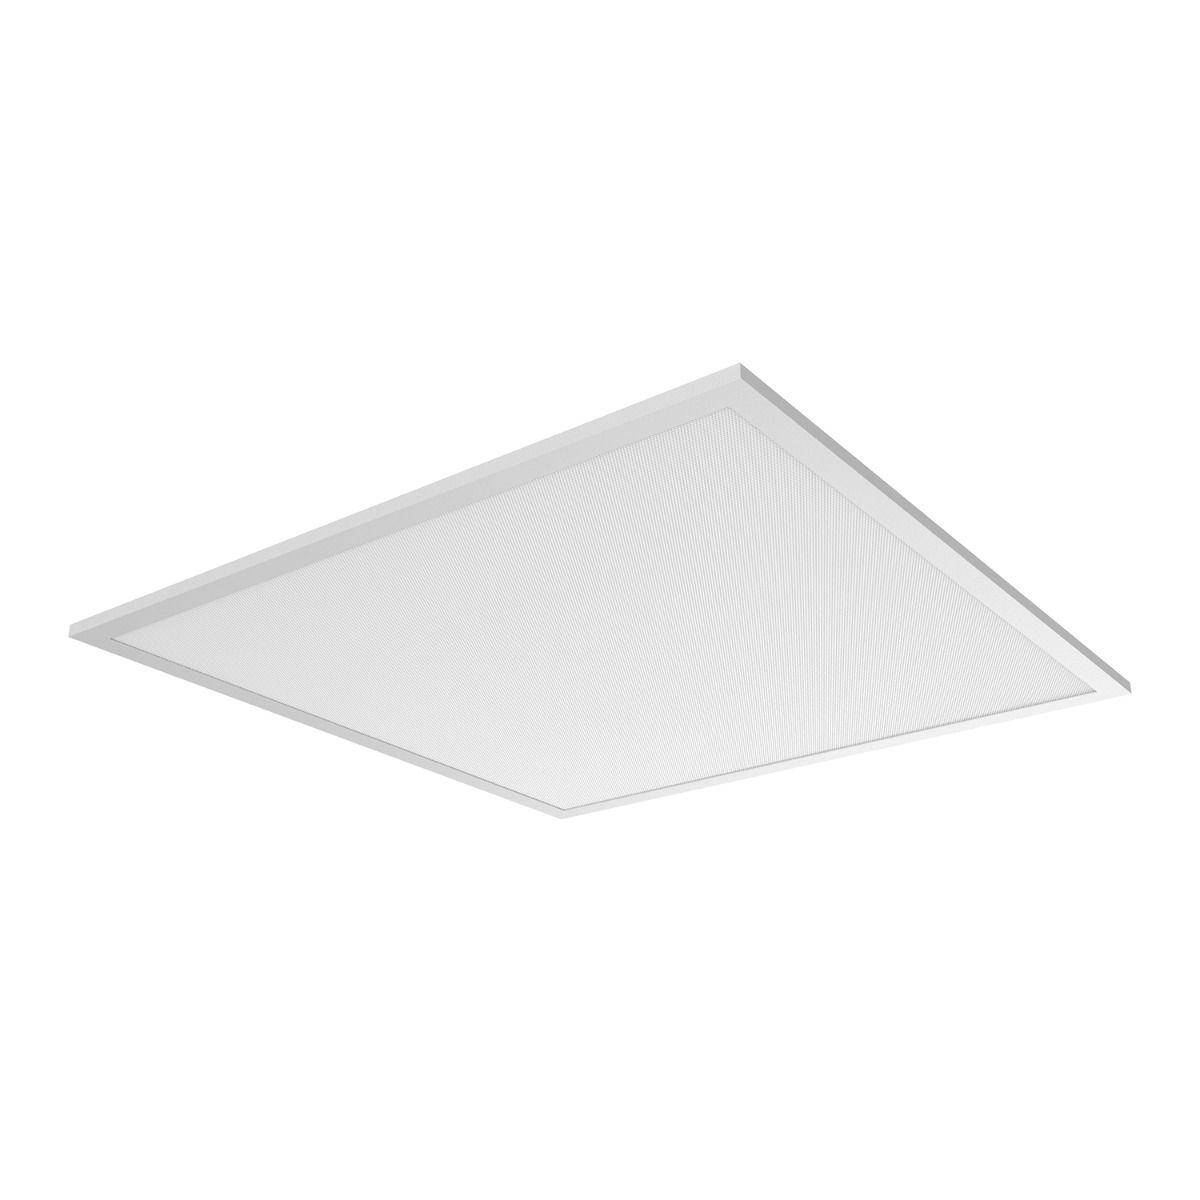 Noxion LED Panel Delta Pro V3 30W 4000K 4070lm 60x60cm UGR <19   Kaltweiß - Ersatz für 4x18W